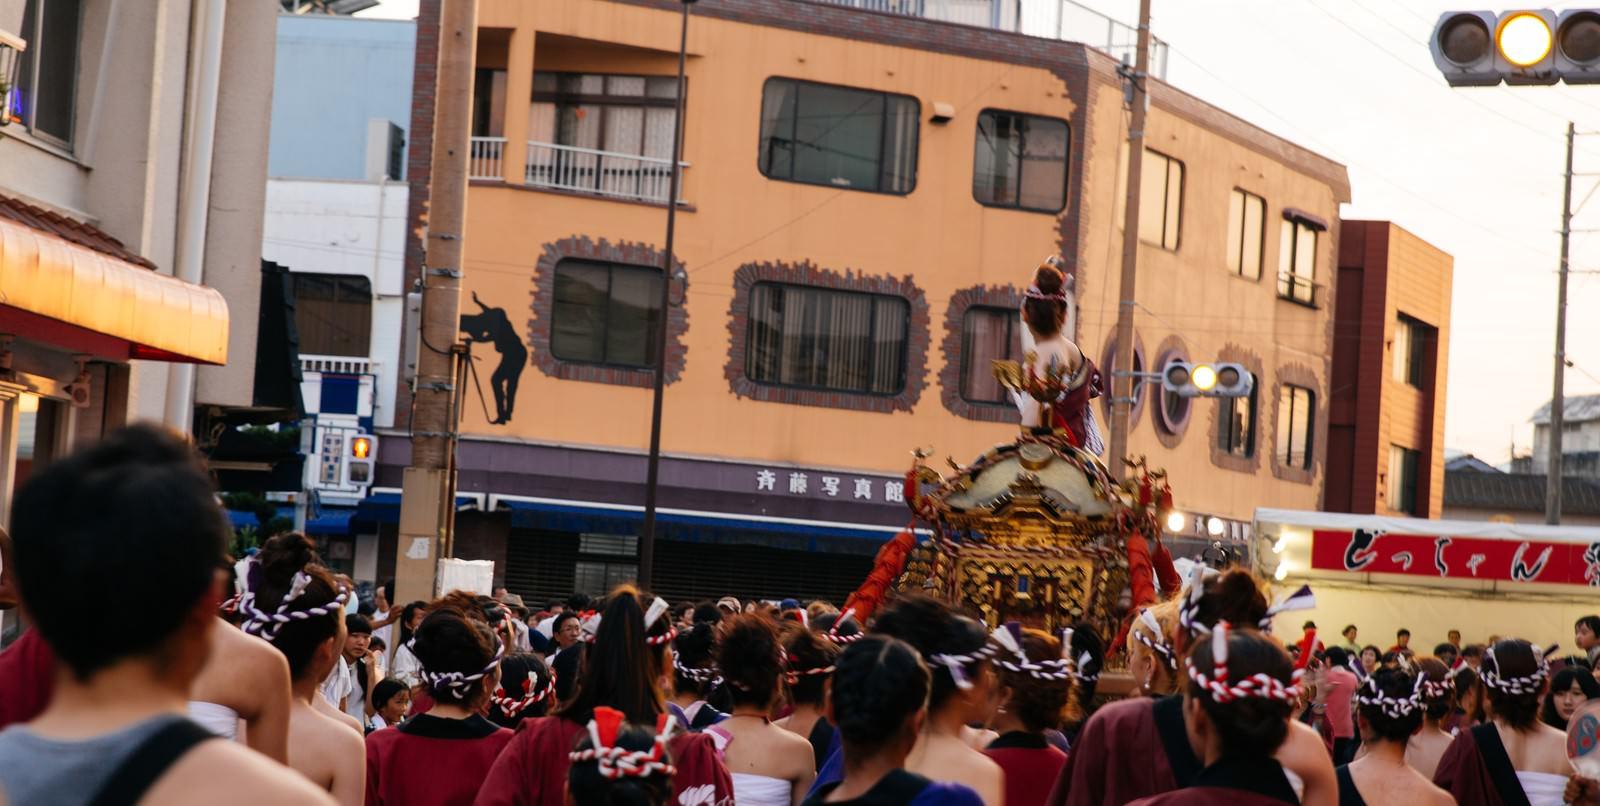 「どっちゃん祭りの人混み」の写真